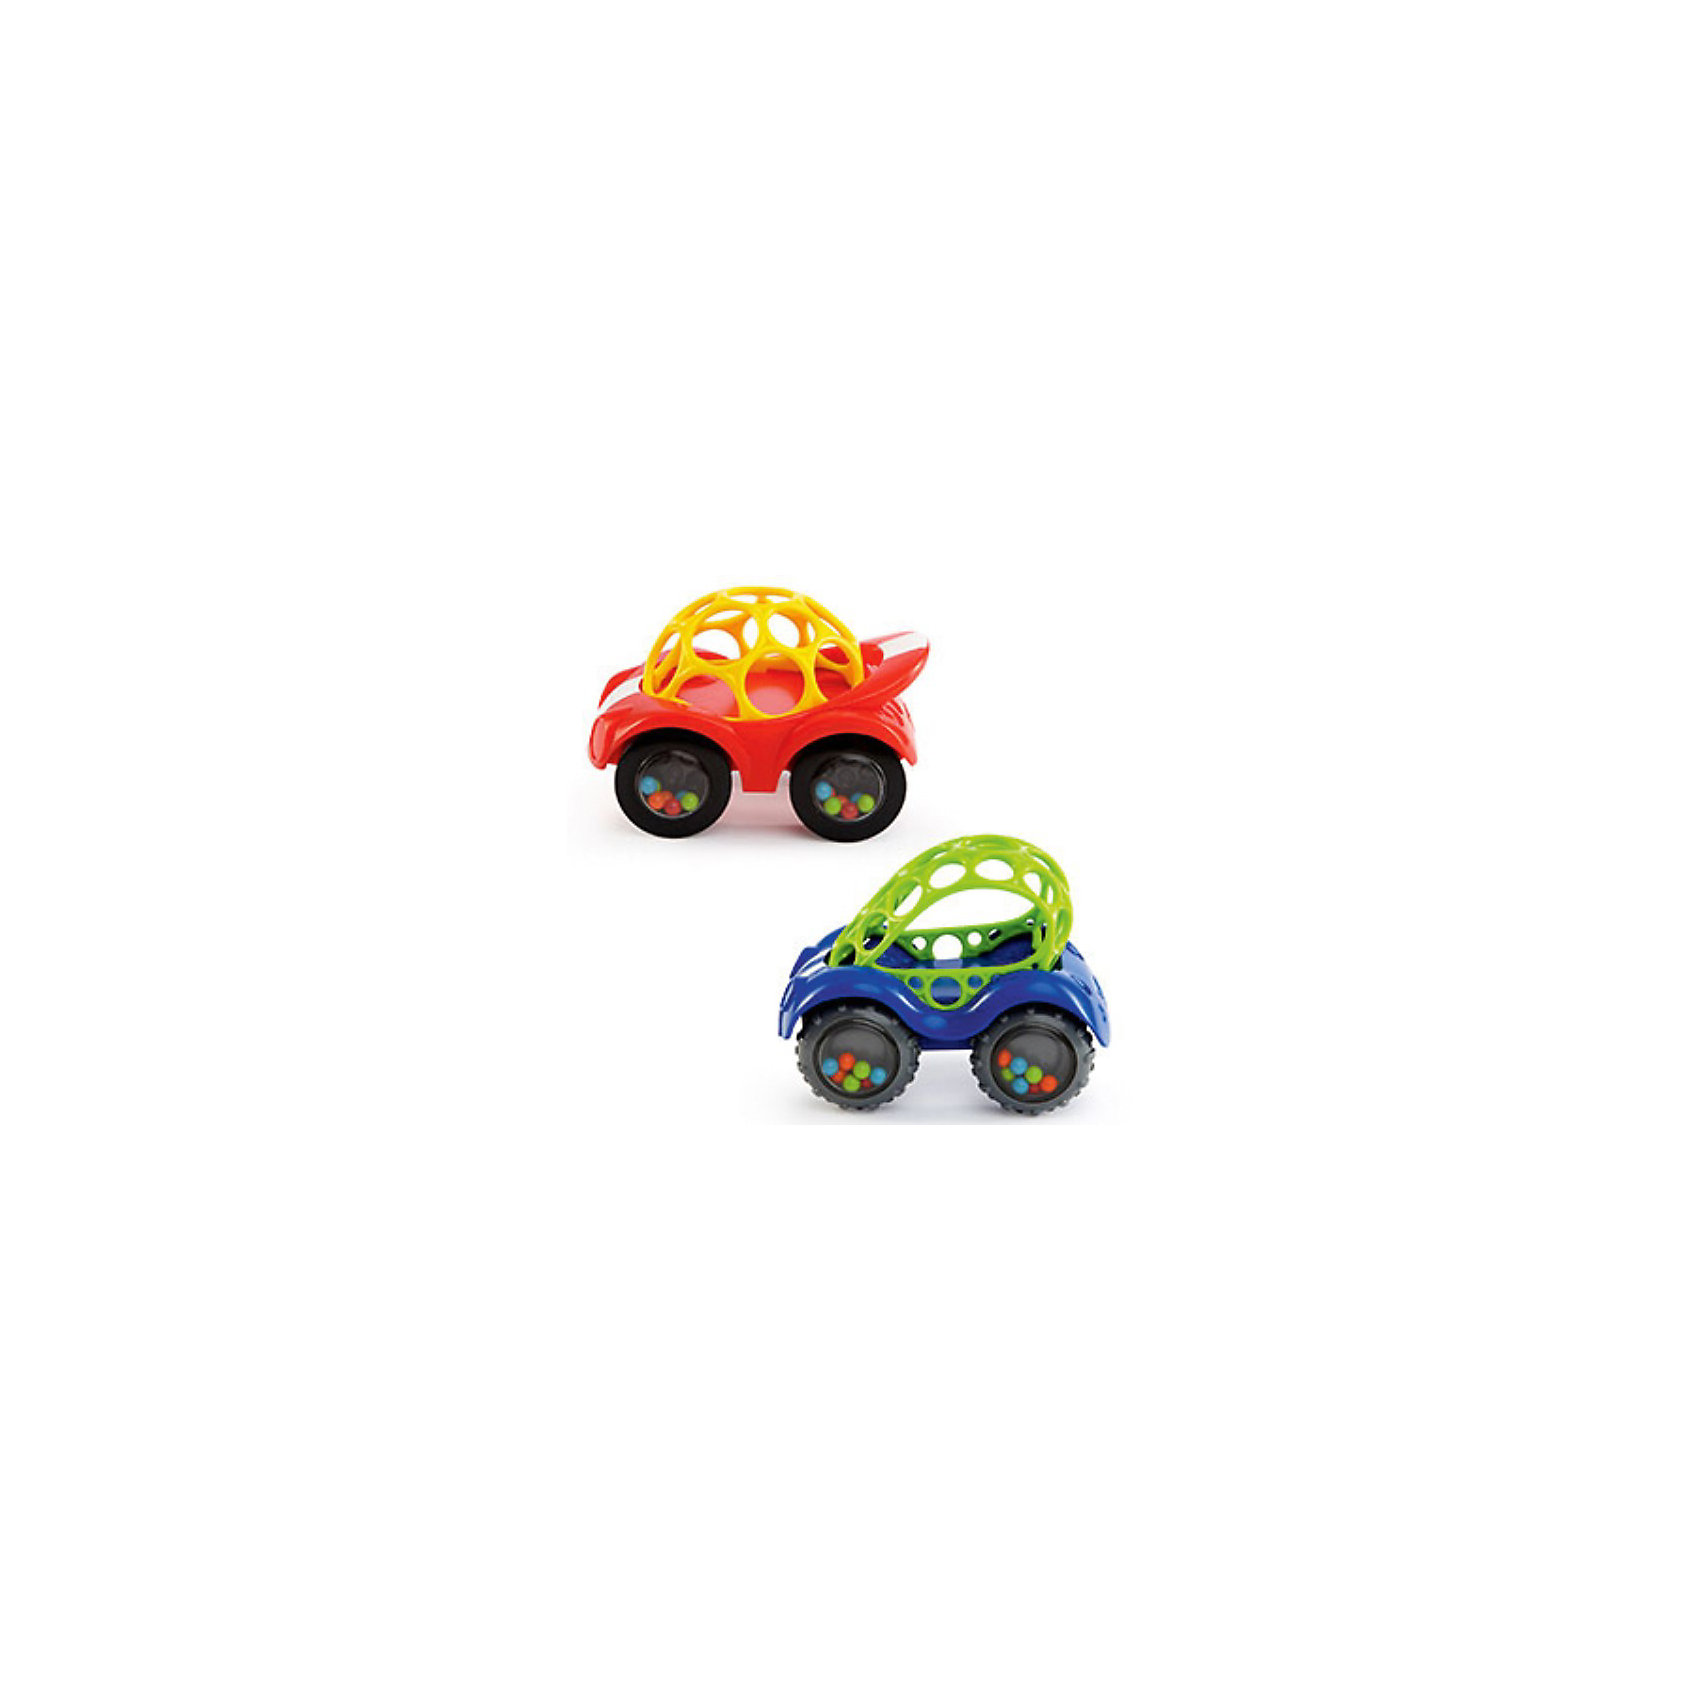 Развивающая игрушка Машинка, синяя, OballРазвивающая игрушка Машинка, синяя, Oball<br><br>Характеристики:<br><br>• Цвет: синий<br>• Размер машинки: 11*11*9 см<br>• Размер коробки: 8*5*16 см<br>• Материал: пластик<br><br>Эта первая машинка для малыша не только сможет его увлечь, но еще и успокоить. Ведь благодаря мягким, рельефным деталям малыш сможет кусать и грызть машинку. Сама машинка и мячик Oball сделаны из качественных материалов, которые полностью безопасны для малыша. Яркие бусинки, которые трещат при движении, развеселят ребенка, а приятная на ощупь конструкция разовьет моторику рук.<br><br>Развивающая игрушка Машинка, синяя, Oball можно купить в нашем интернет-магазине.<br><br>Ширина мм: 121<br>Глубина мм: 178<br>Высота мм: 80<br>Вес г: 65<br>Возраст от месяцев: 6<br>Возраст до месяцев: 36<br>Пол: Мужской<br>Возраст: Детский<br>SKU: 3400192